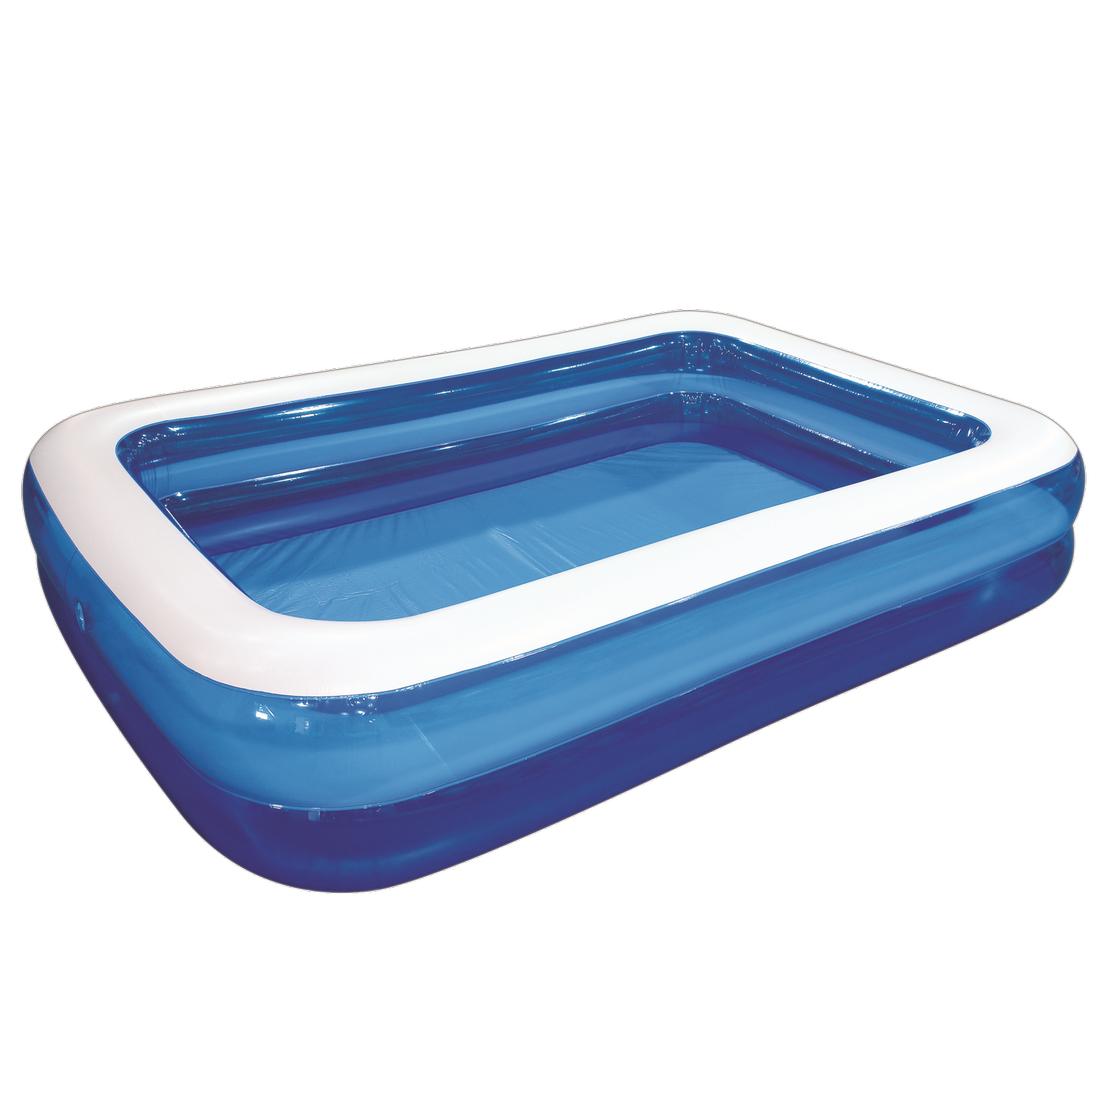 Achetez jilong giant pool 2r305 piscine familiale for Accessoire piscine jilong